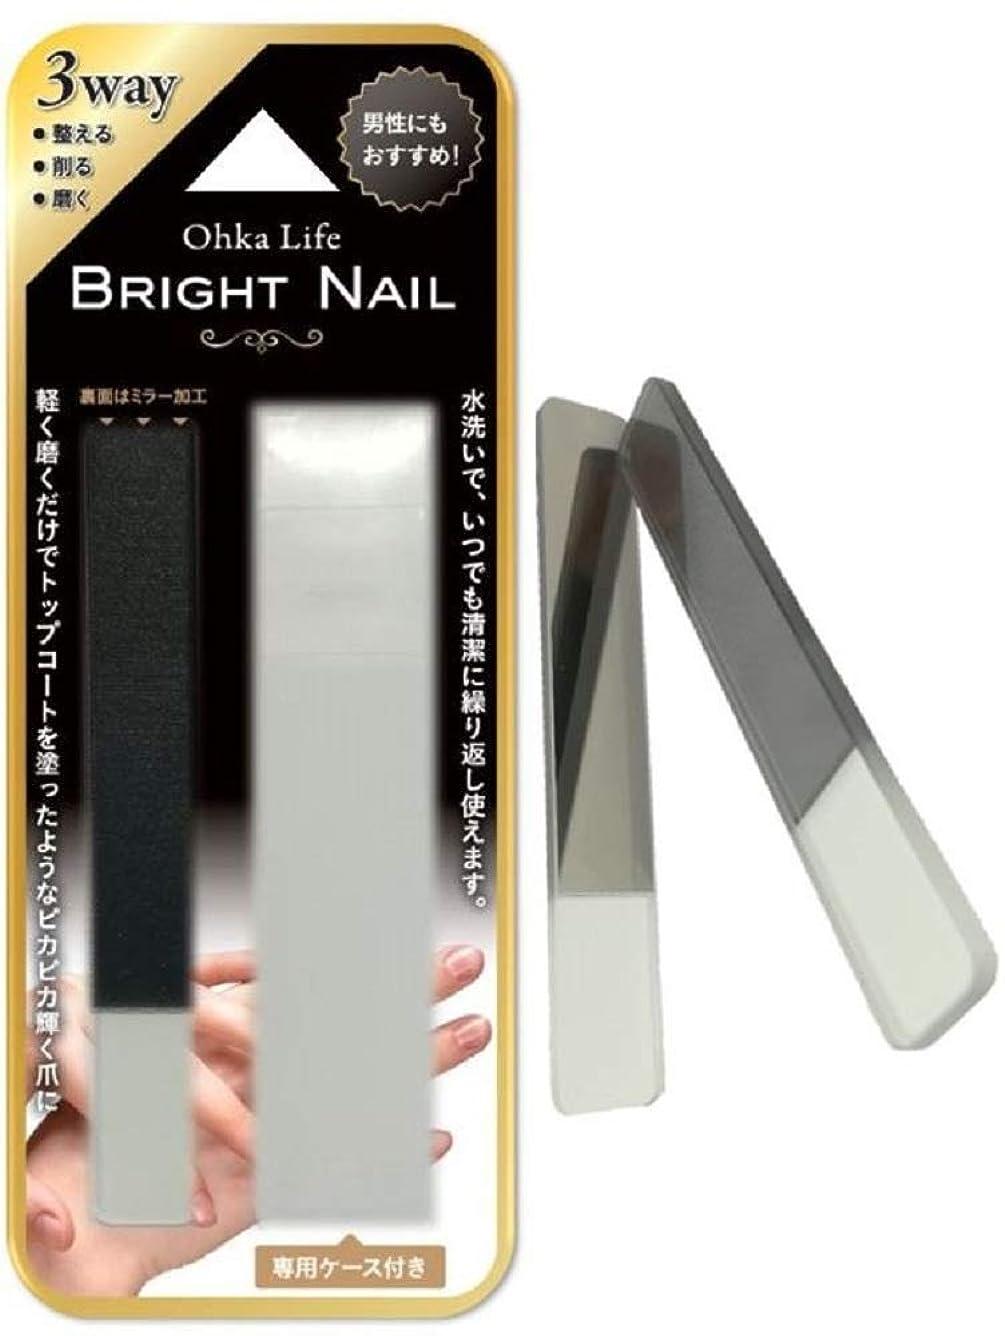 観点指定するブロンズ【OHKA LIFE】 BRIGHT NAIL ブライトネイル 簡単お手入れでトップコートを塗ったようなピカピカの仕上がり